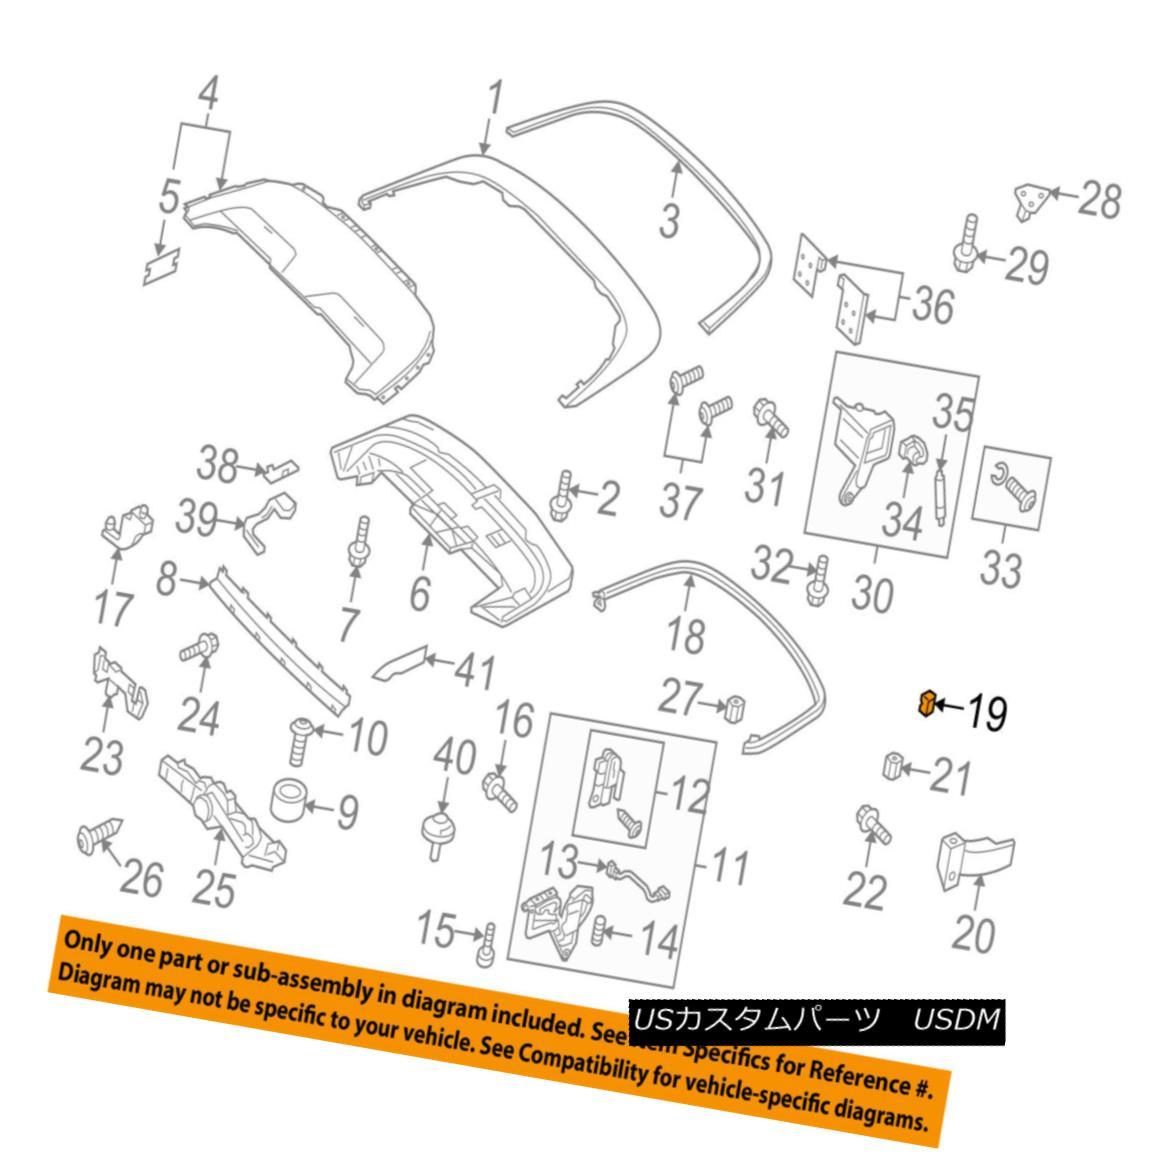 幌・ソフトトップ AUDI OEM 10-12 S5 Storage Cover-Convertible/soft Top-End Seal 8F0825402B AUDI OEM 10-12 S5ストレージカバー - コンバーチブル/ソフトトップエンドシール8F0825402B